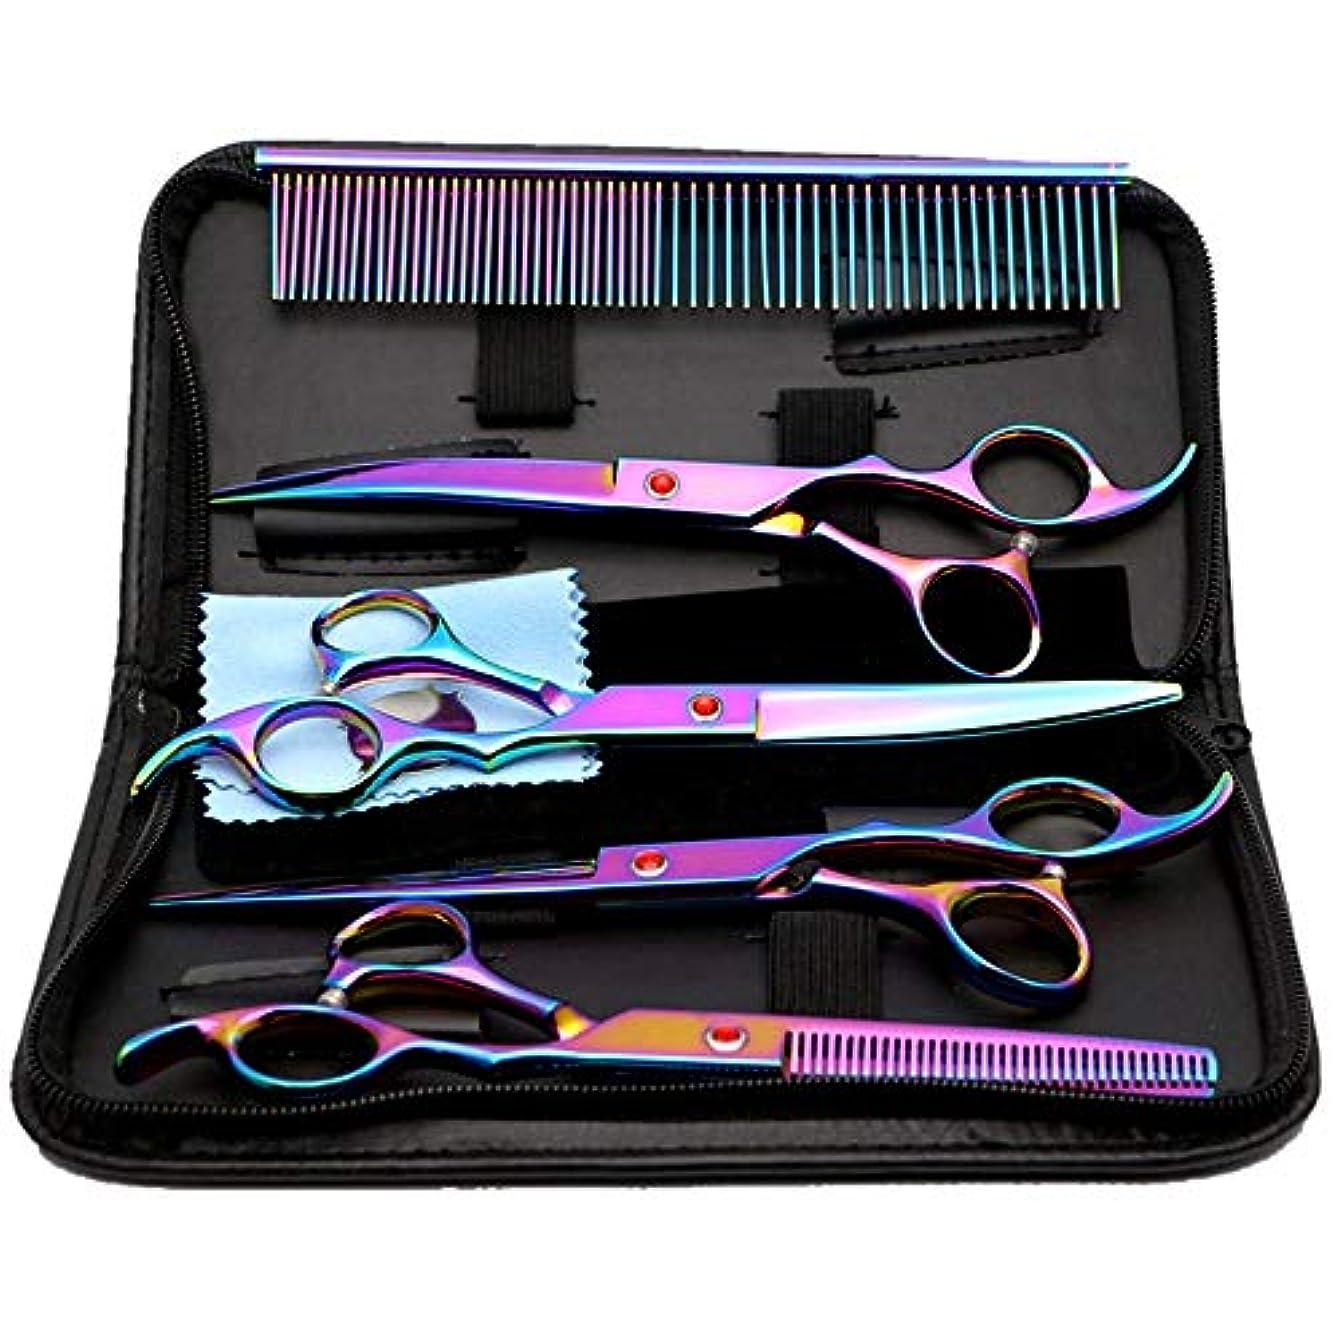 評価する台無しに手伝う理髪用はさみ ハイグレードカラーペットグルーミングハサミセット、6セットのペットヘアグルーミングヘアカット、ストレート+歯用ハサミヘアカットシアーステンレス理髪師用ハサミ (色 : Colors)